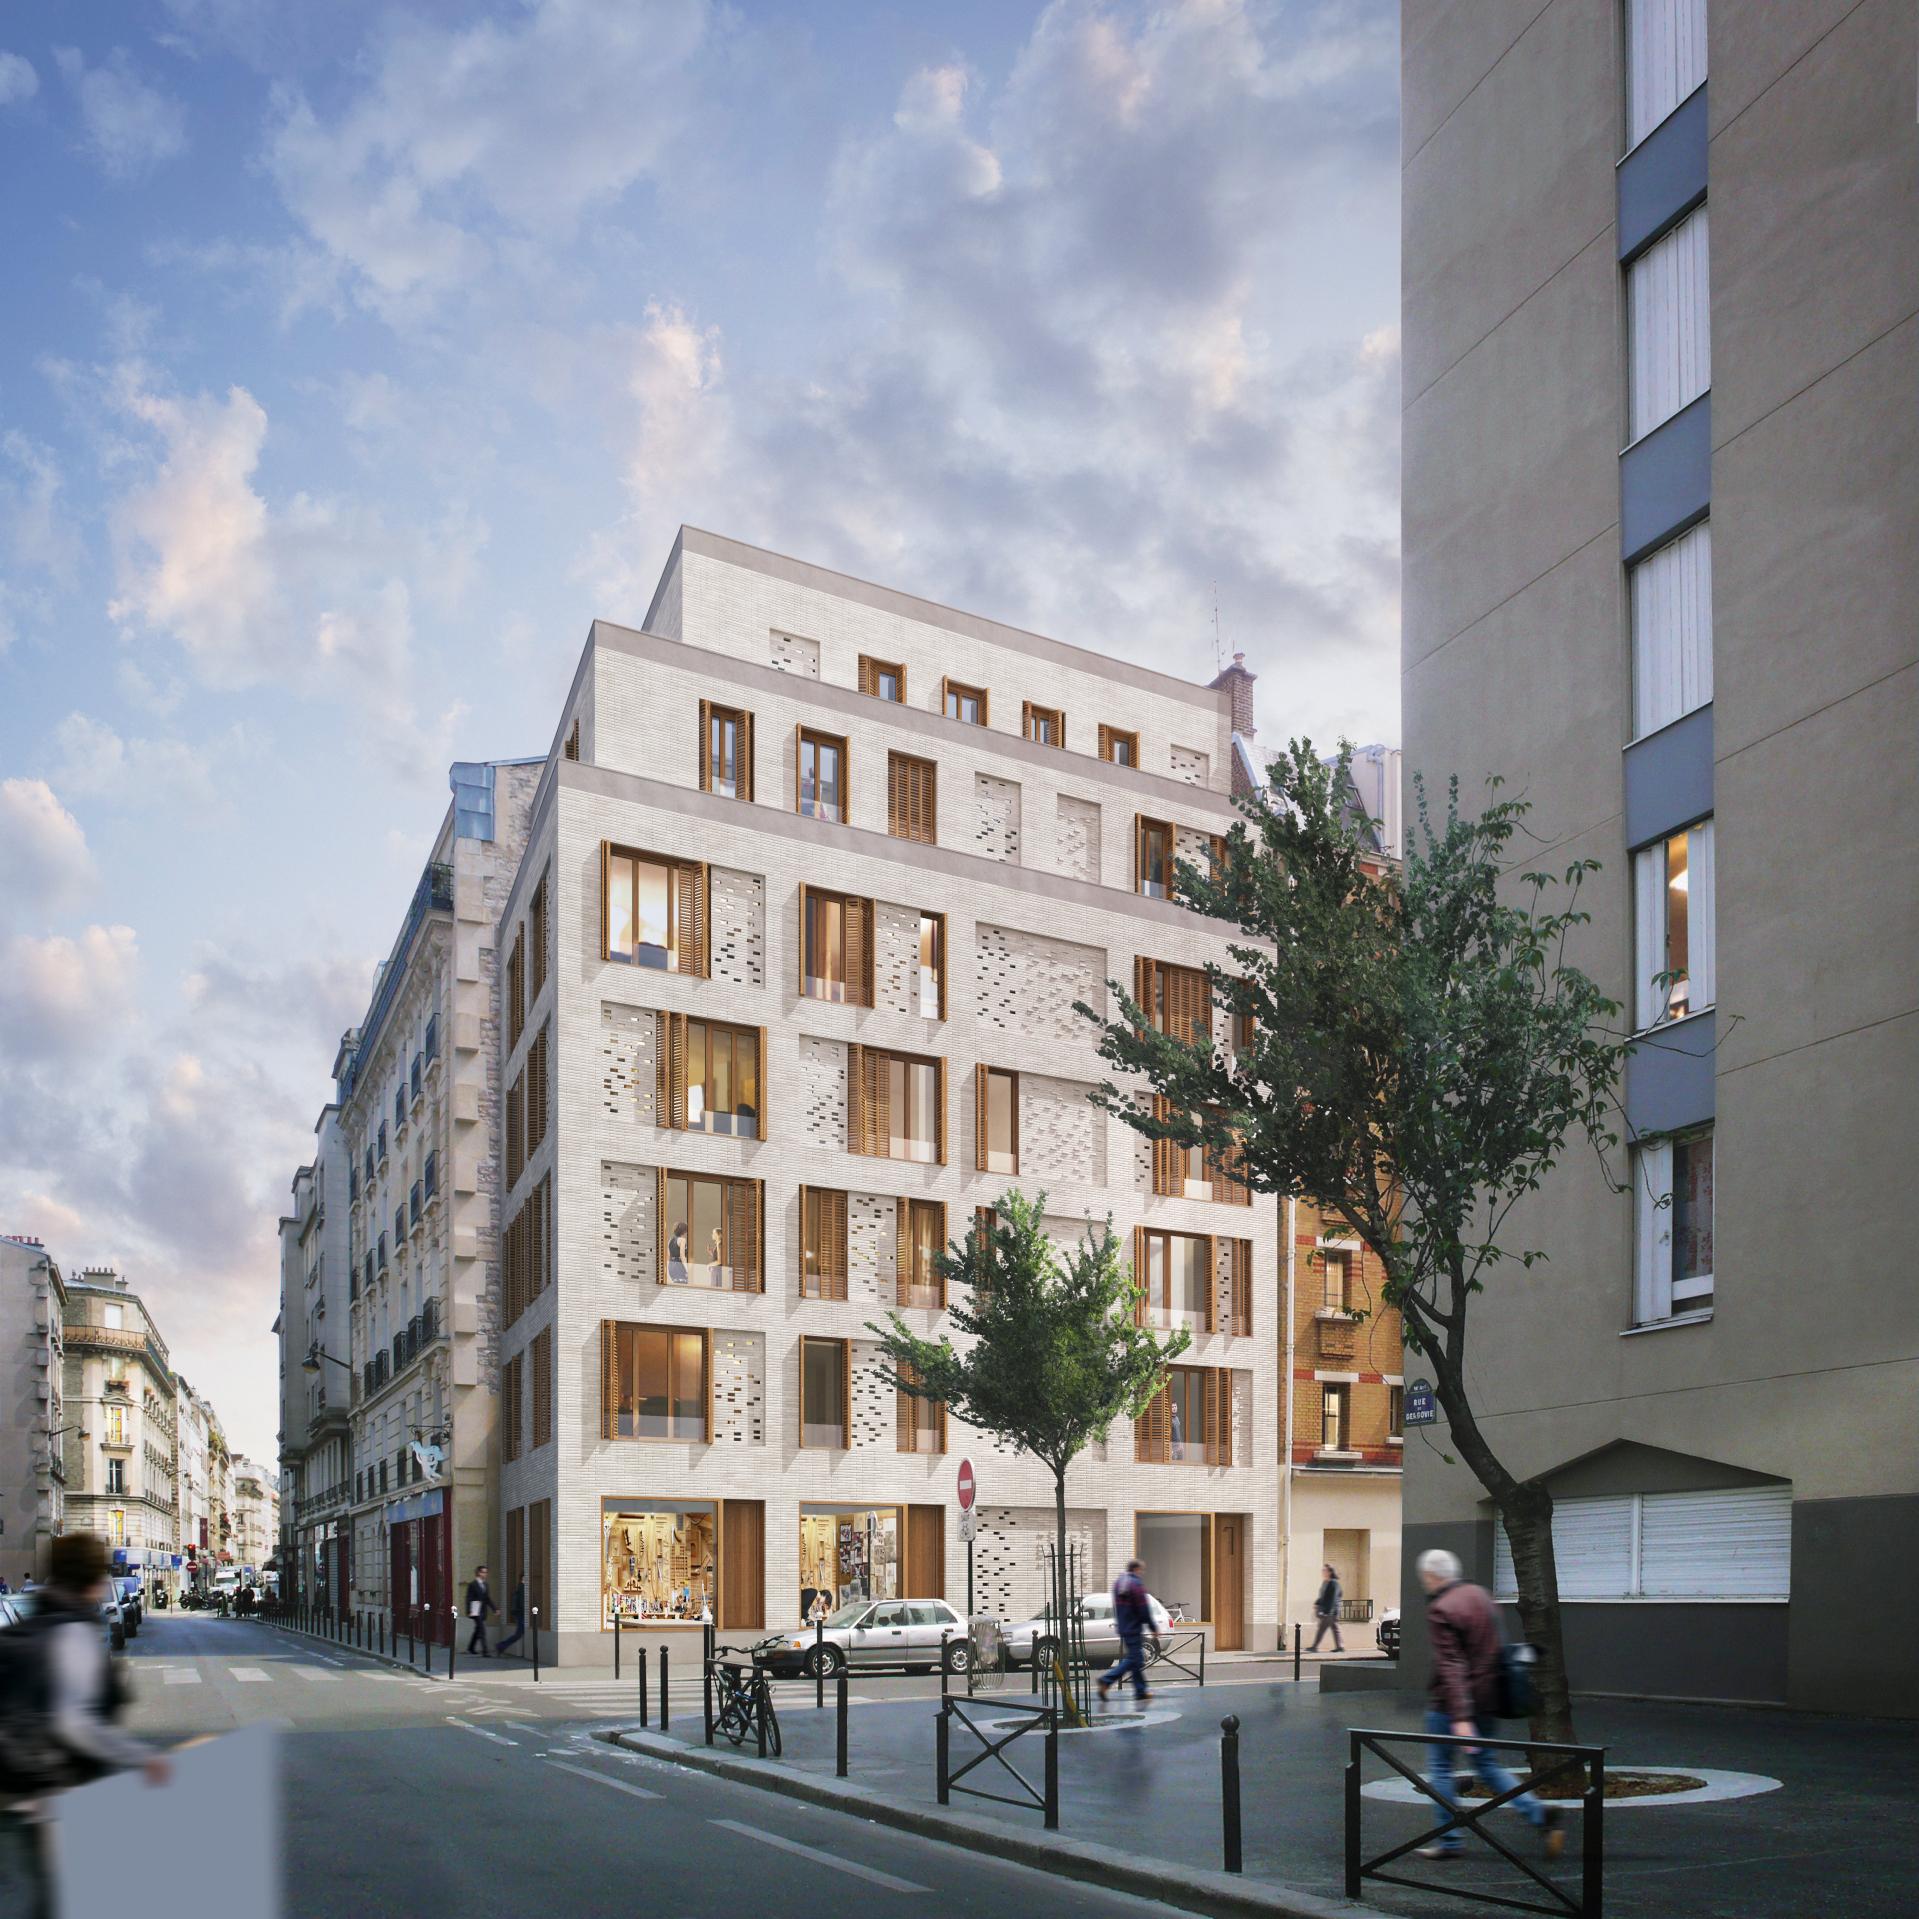 Supervue la architectures lgt rue gergovie Medium